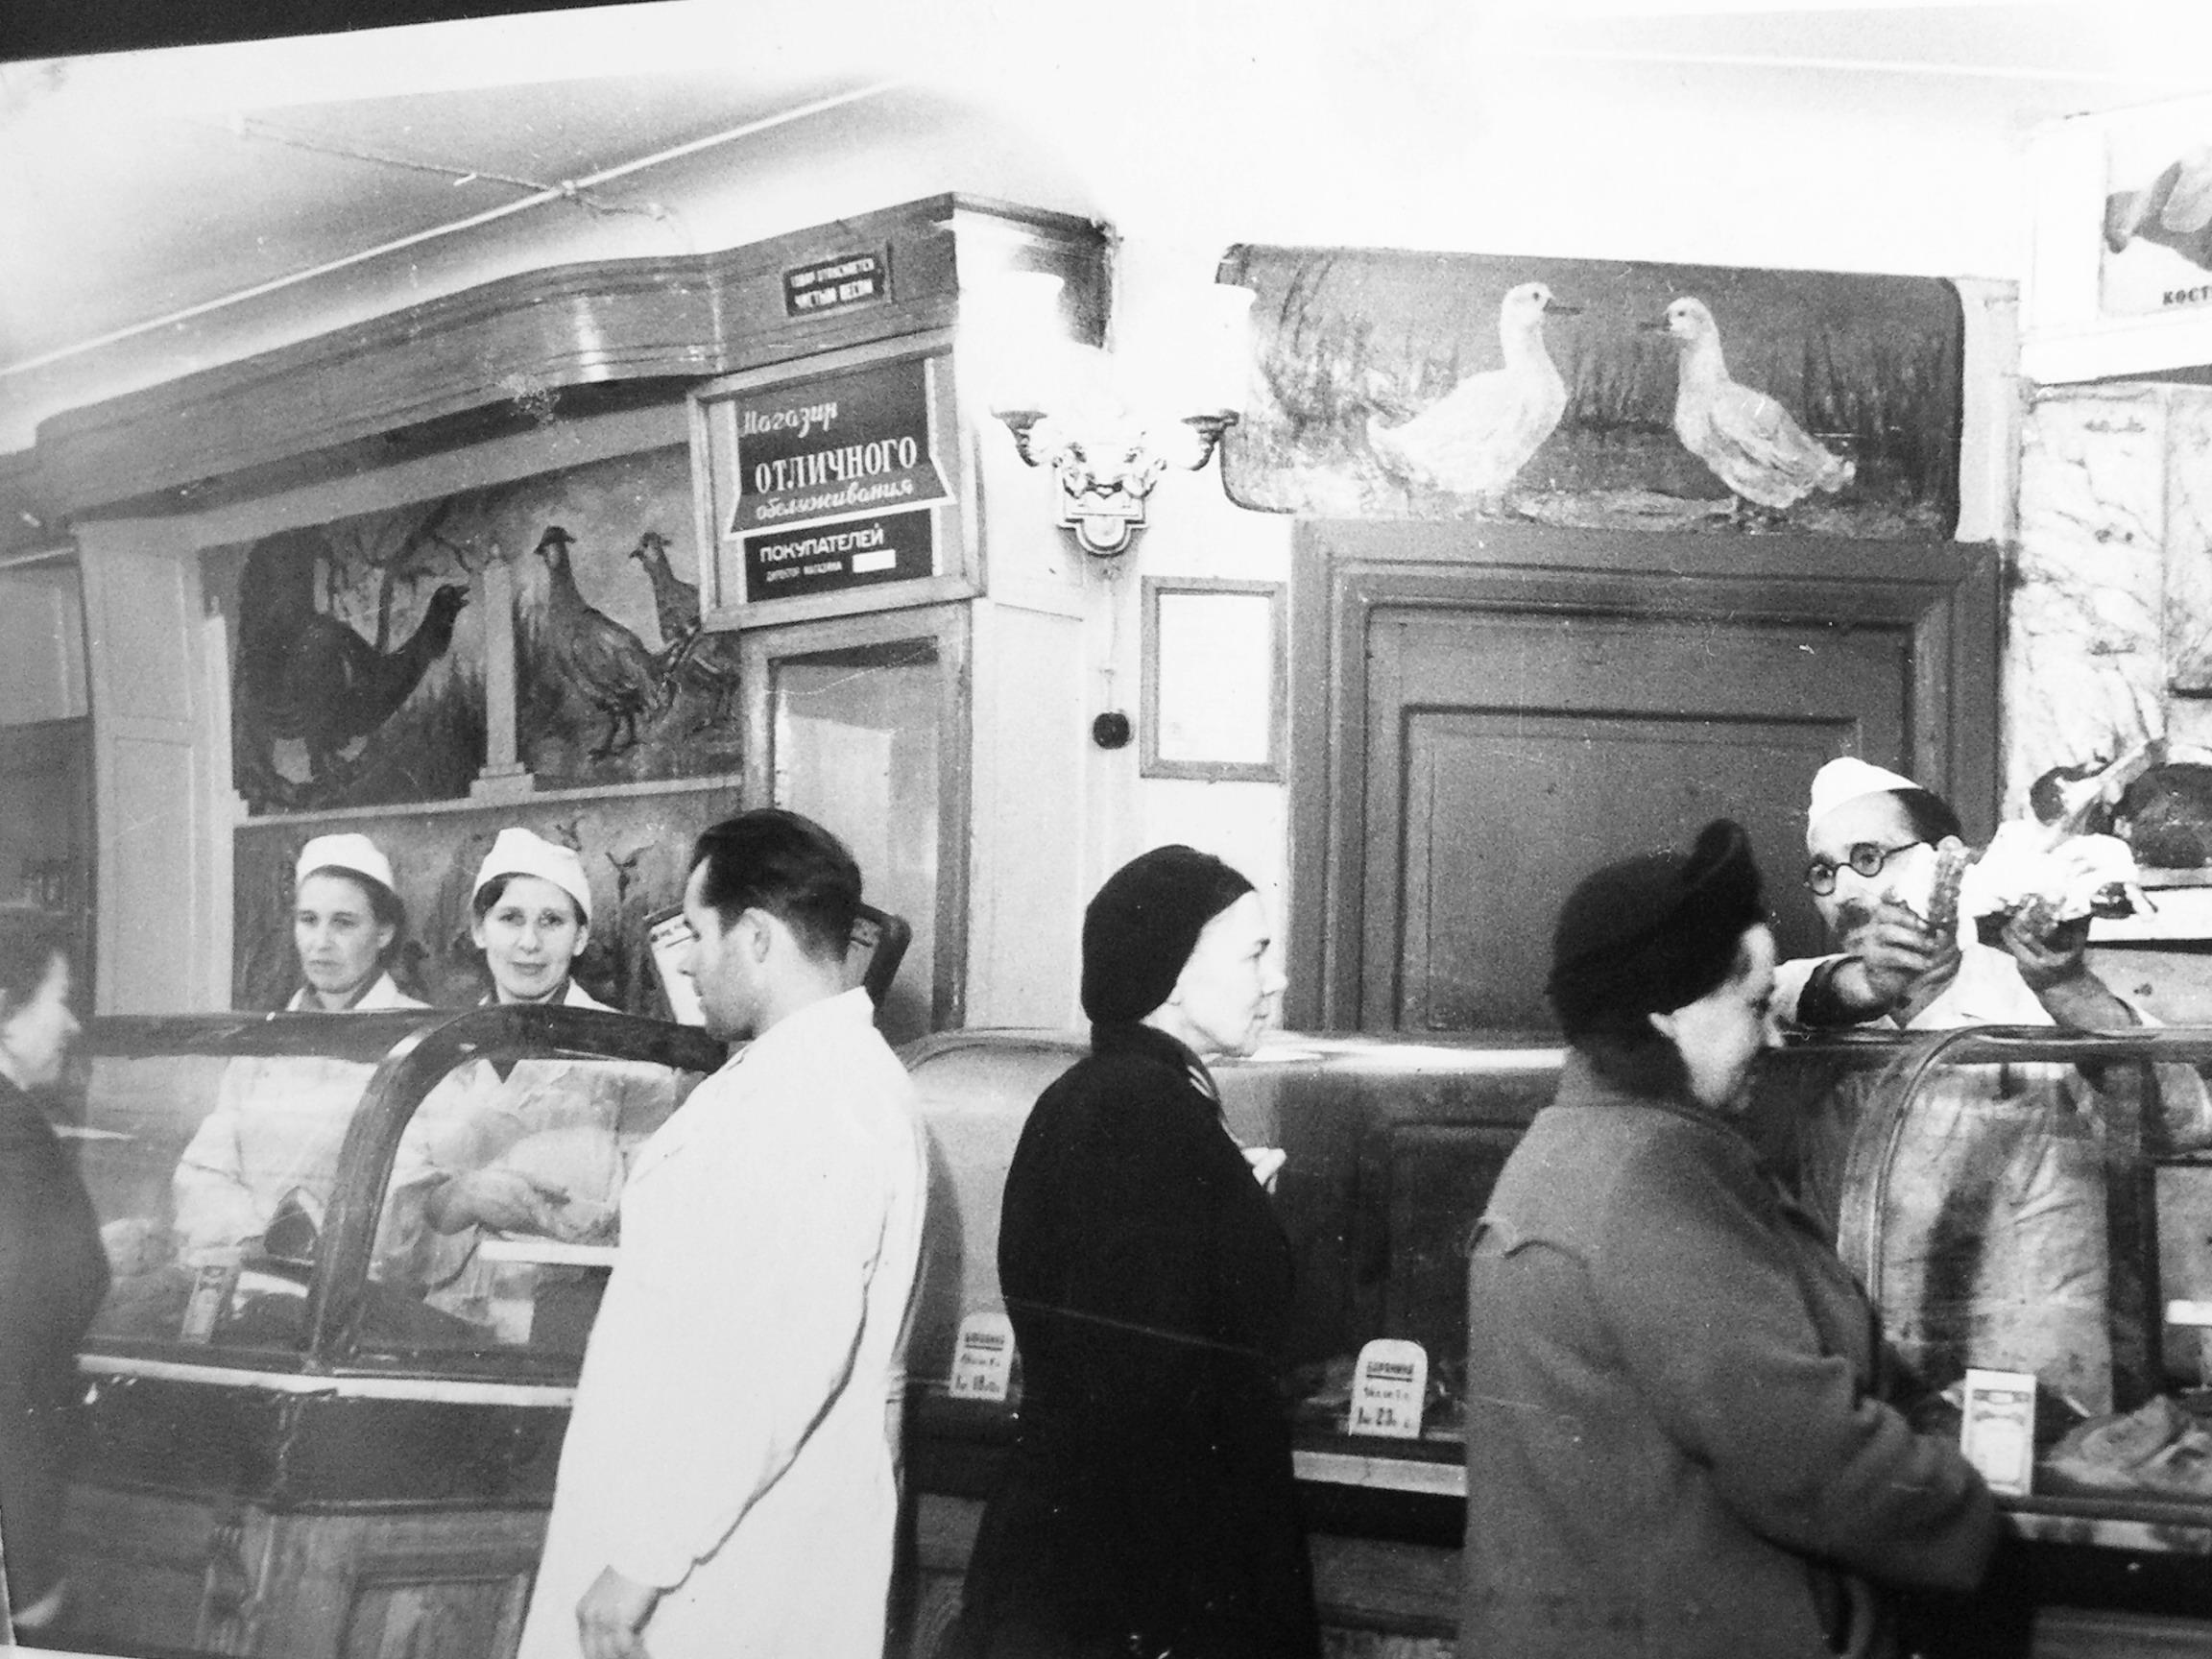 1951 год. Москва, Таганская площадь. Магазин Продукты